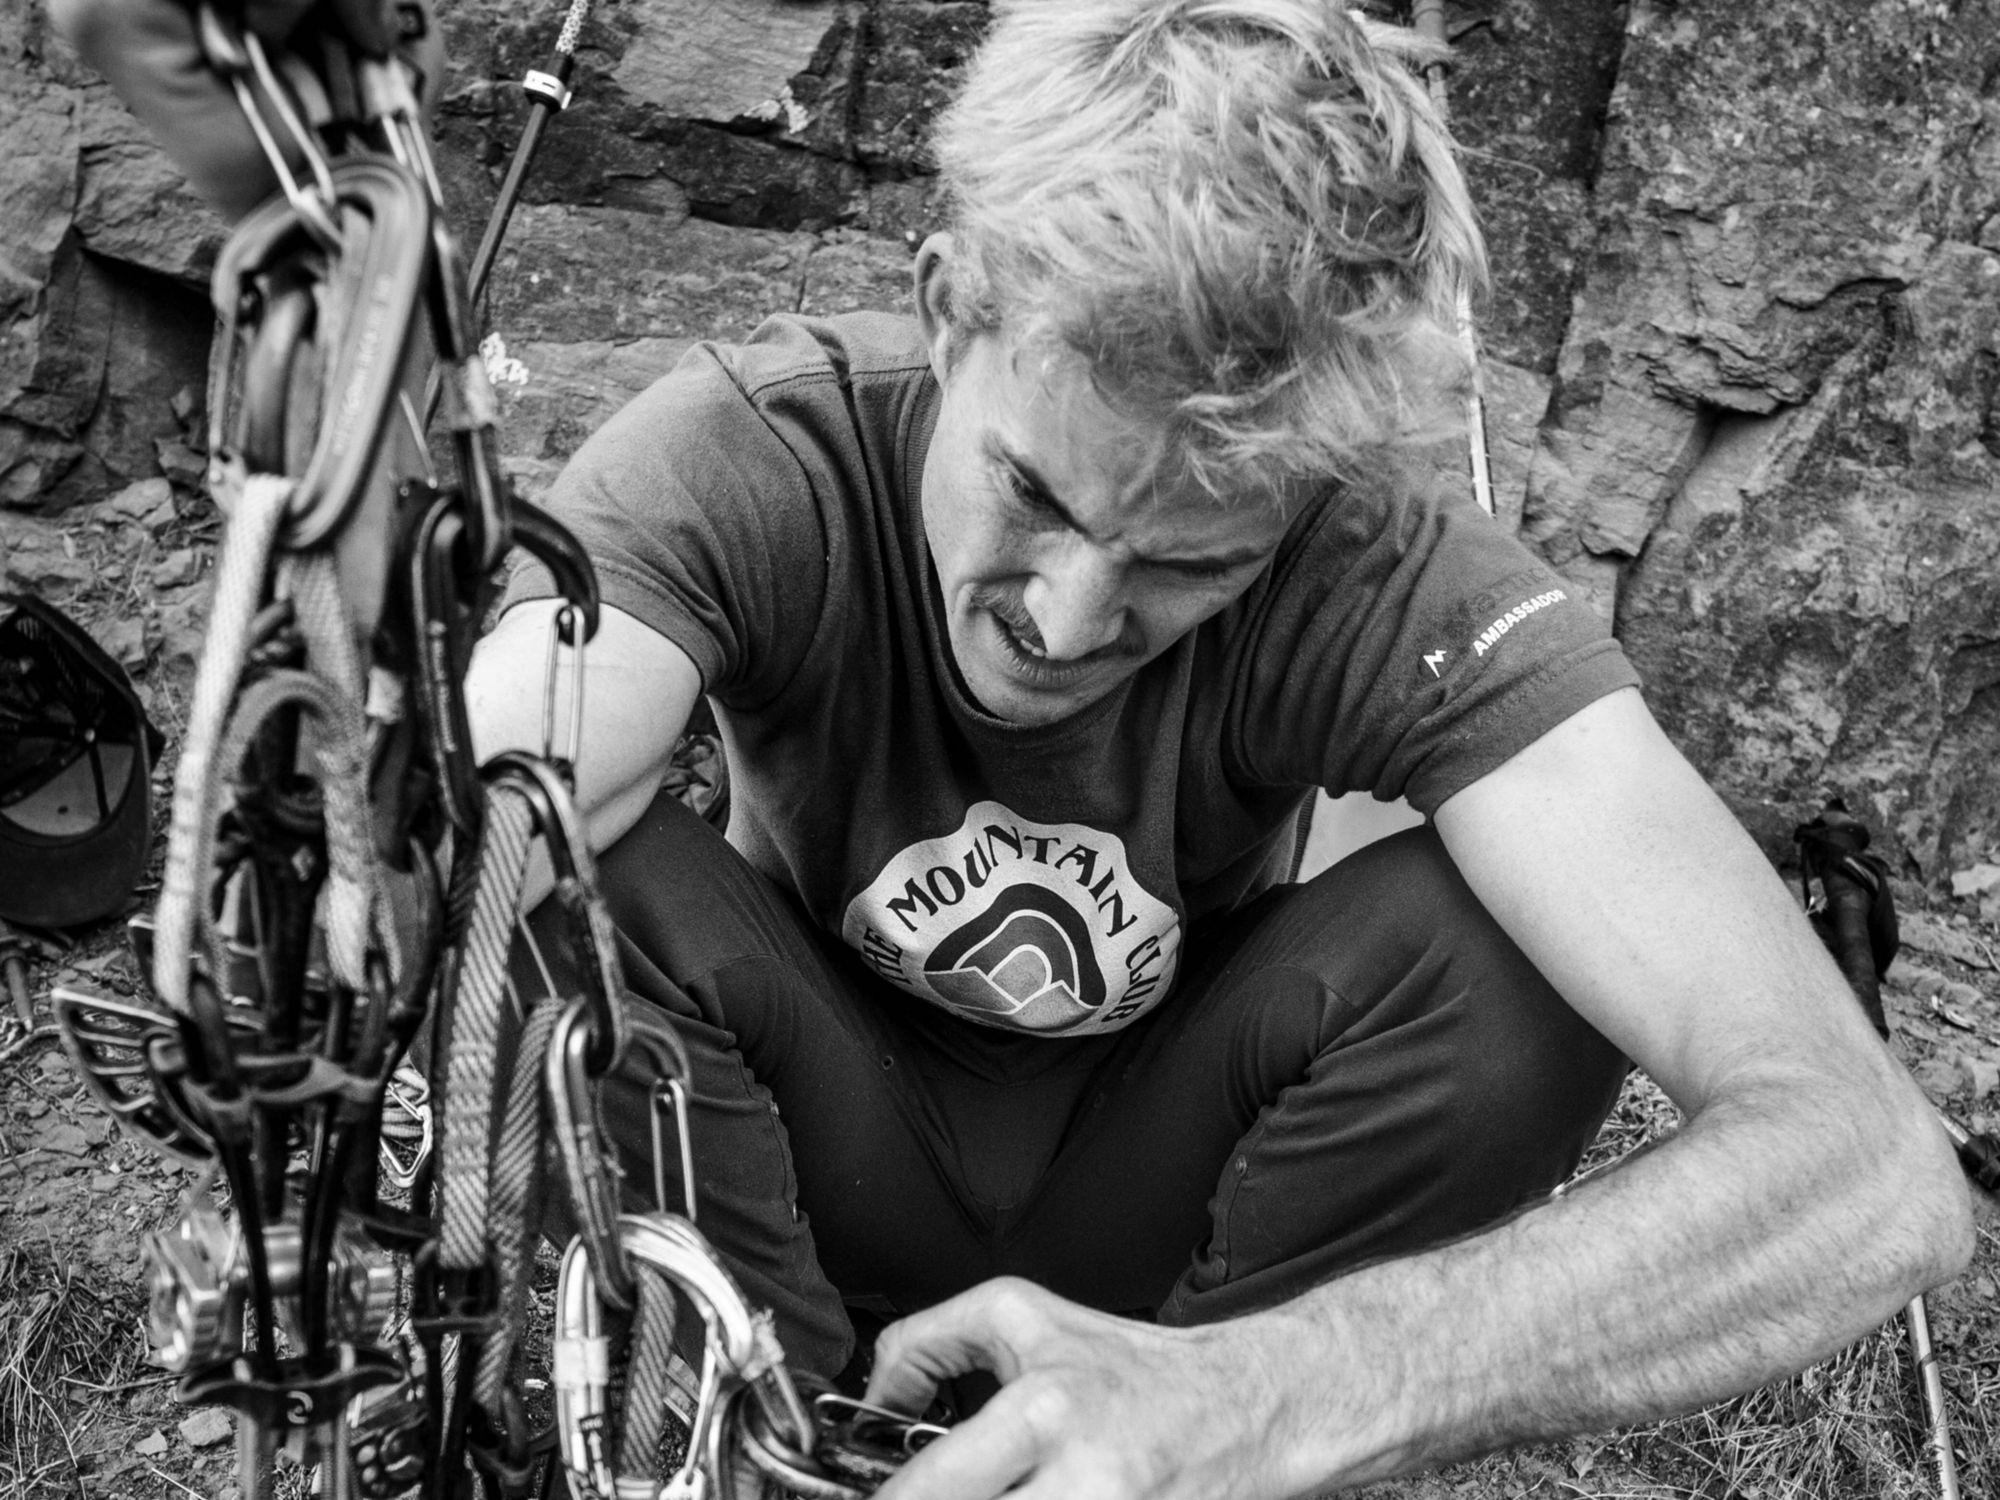 gentleman setting up rock climbing gear